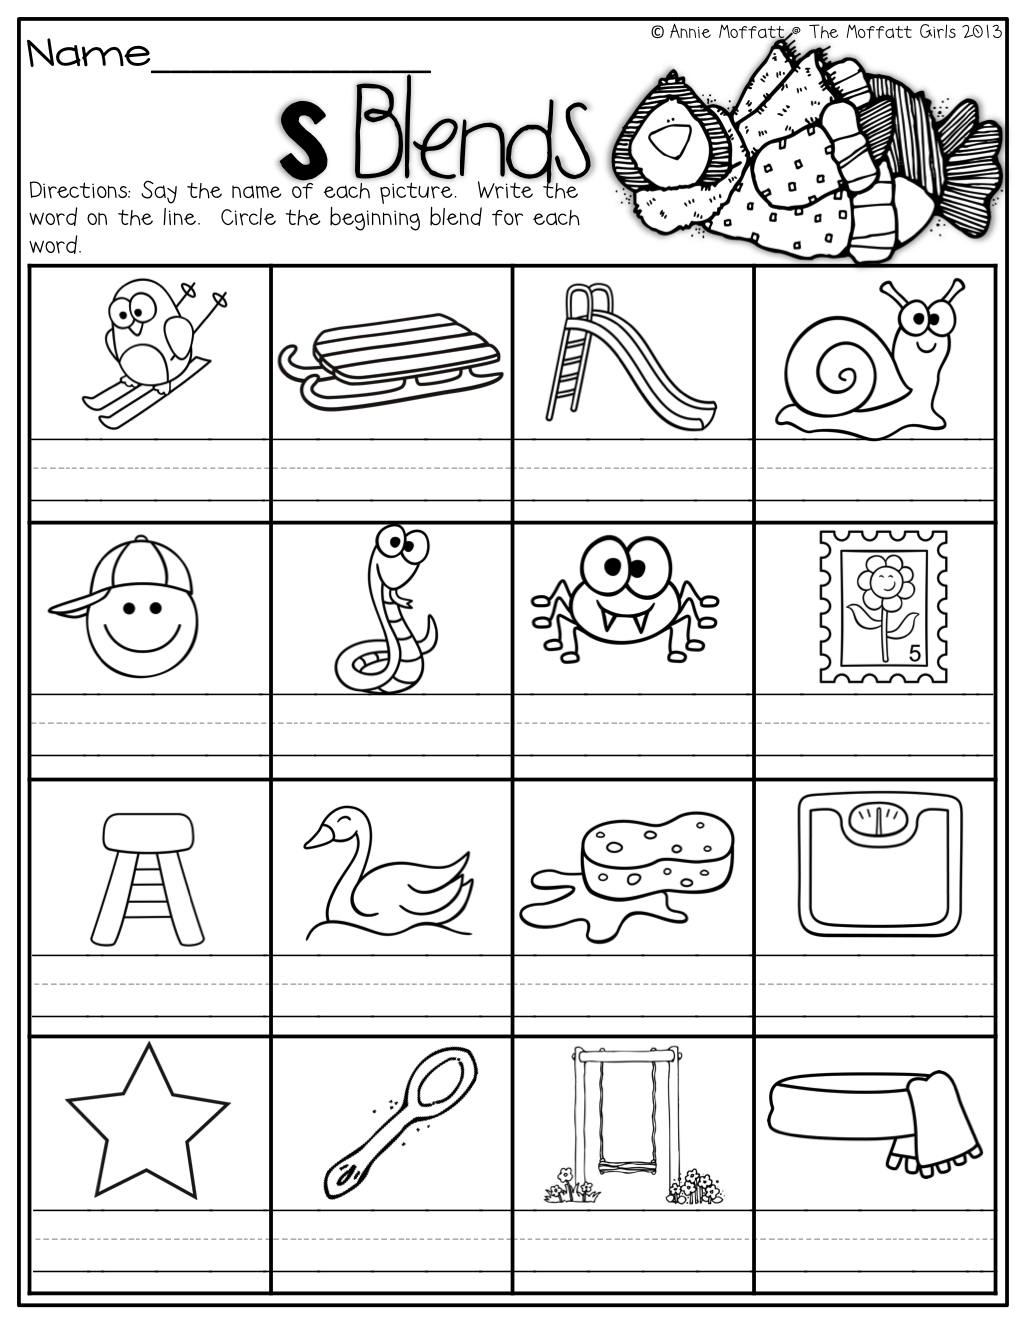 medium resolution of The Moffatt Girls: Winter Math and Literacy Packet (First Grade)   Blends  worksheets